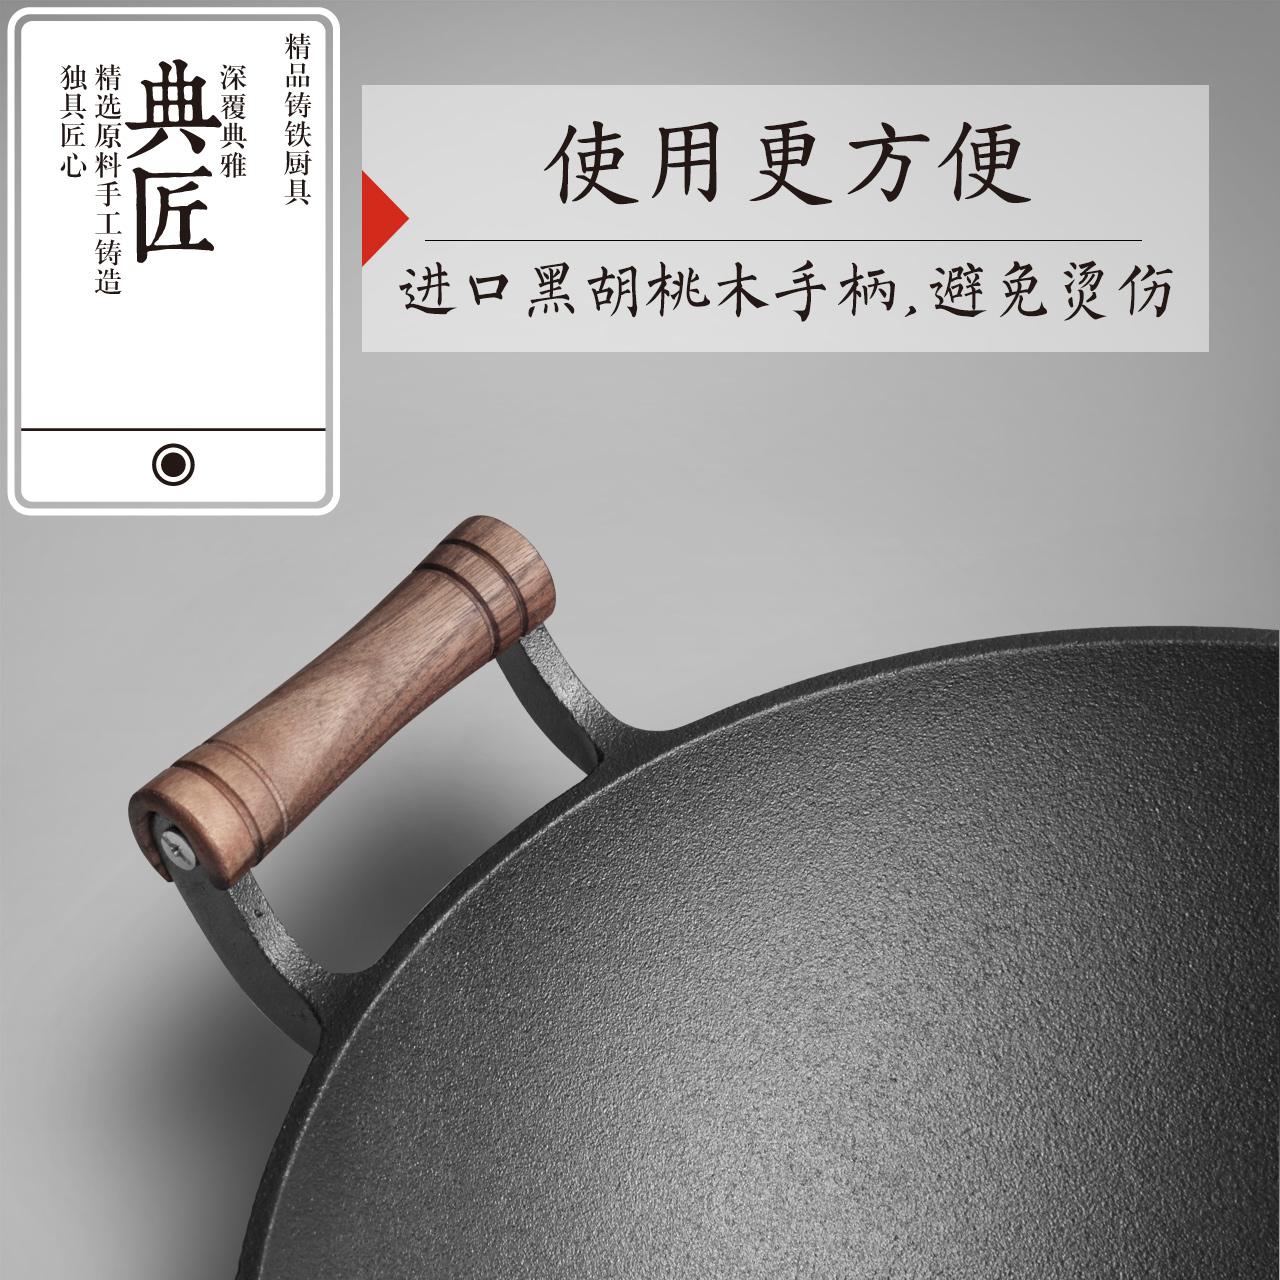 典匠铸铁锅炒锅家用生铁炒菜锅无涂层不粘锅双耳加厚老式圆底36cm